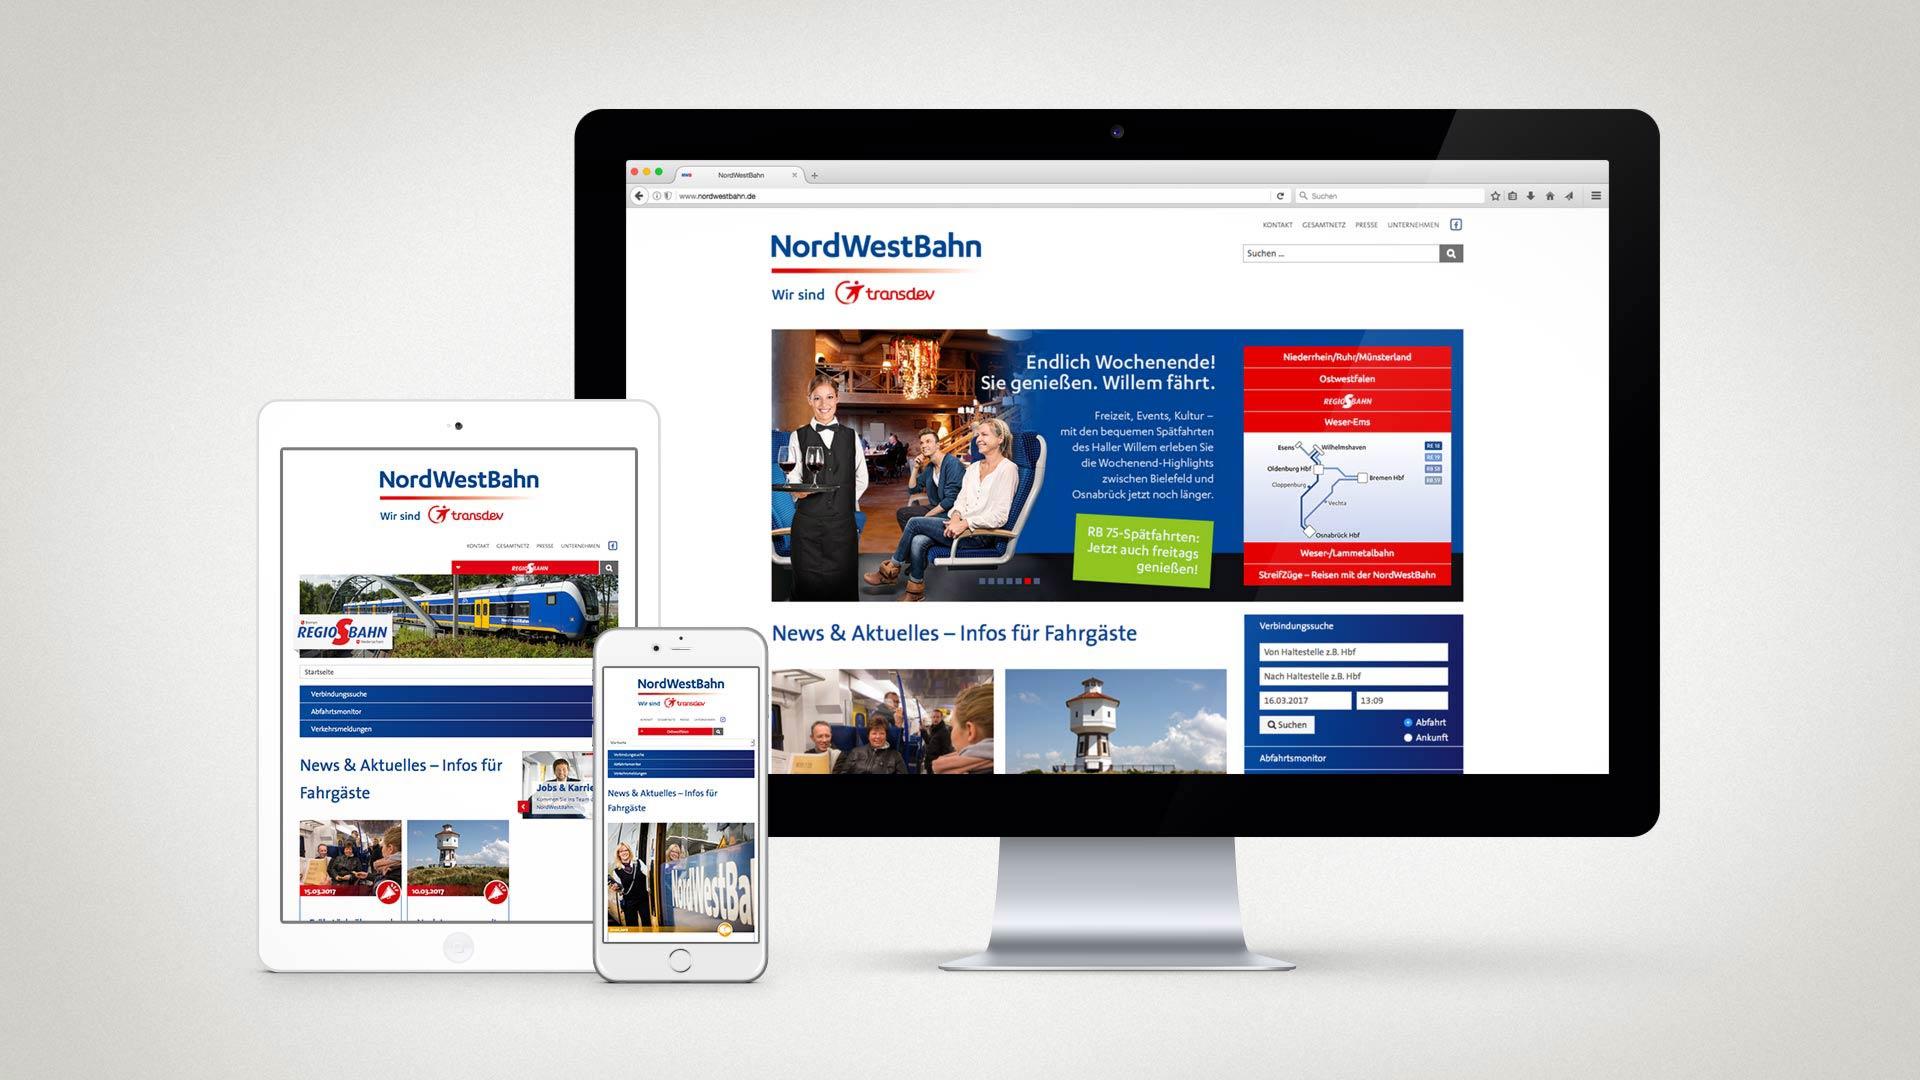 artventura-Projekt nordwestbahn.de:Responsive Darstellung auf Desktop, Tablet und Smartphone